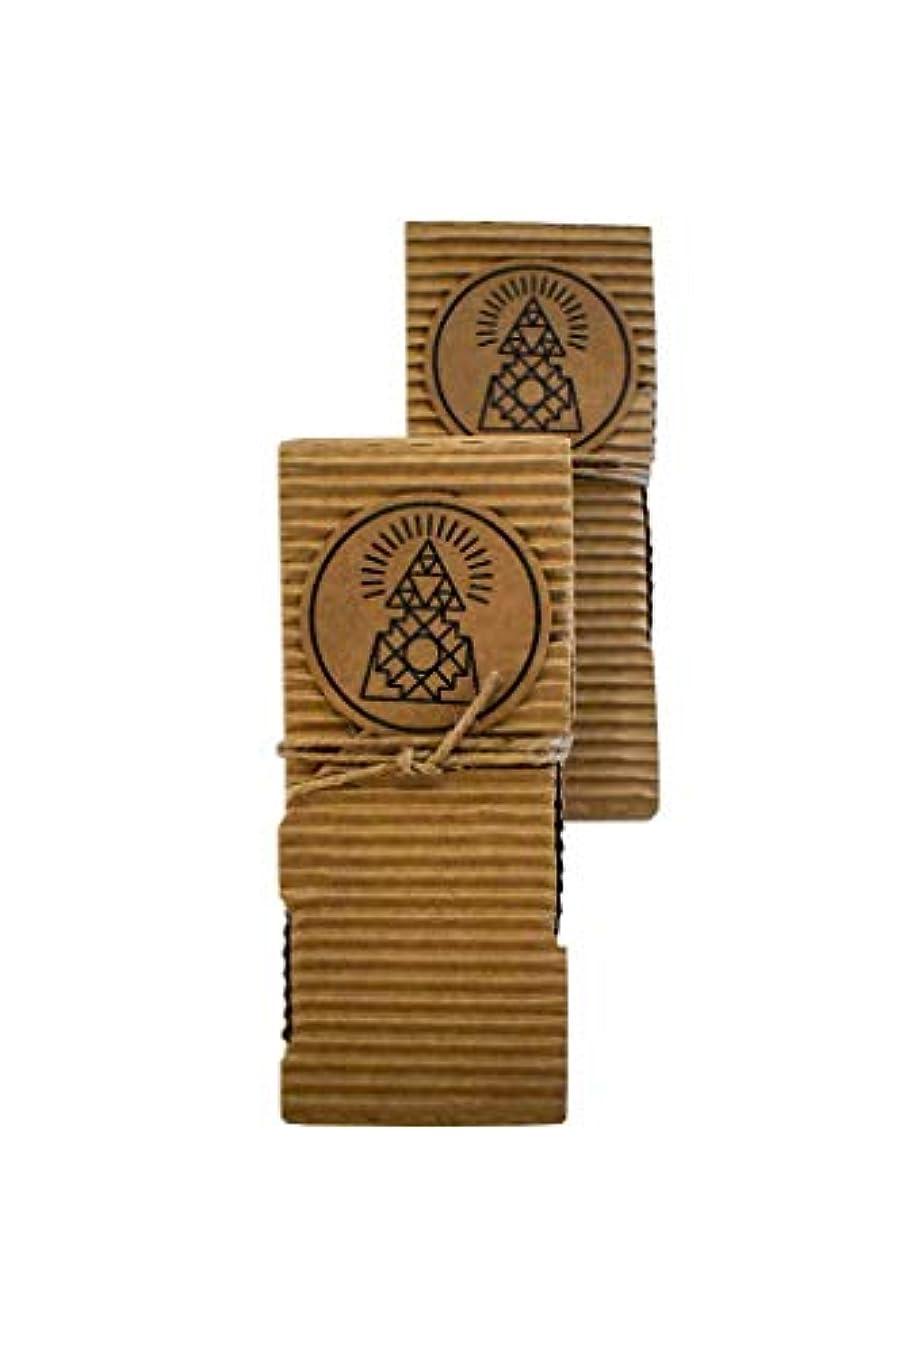 一次半球きれいにArtisanal Breu樹脂 – Palo SantoブレンドIncense Sticks